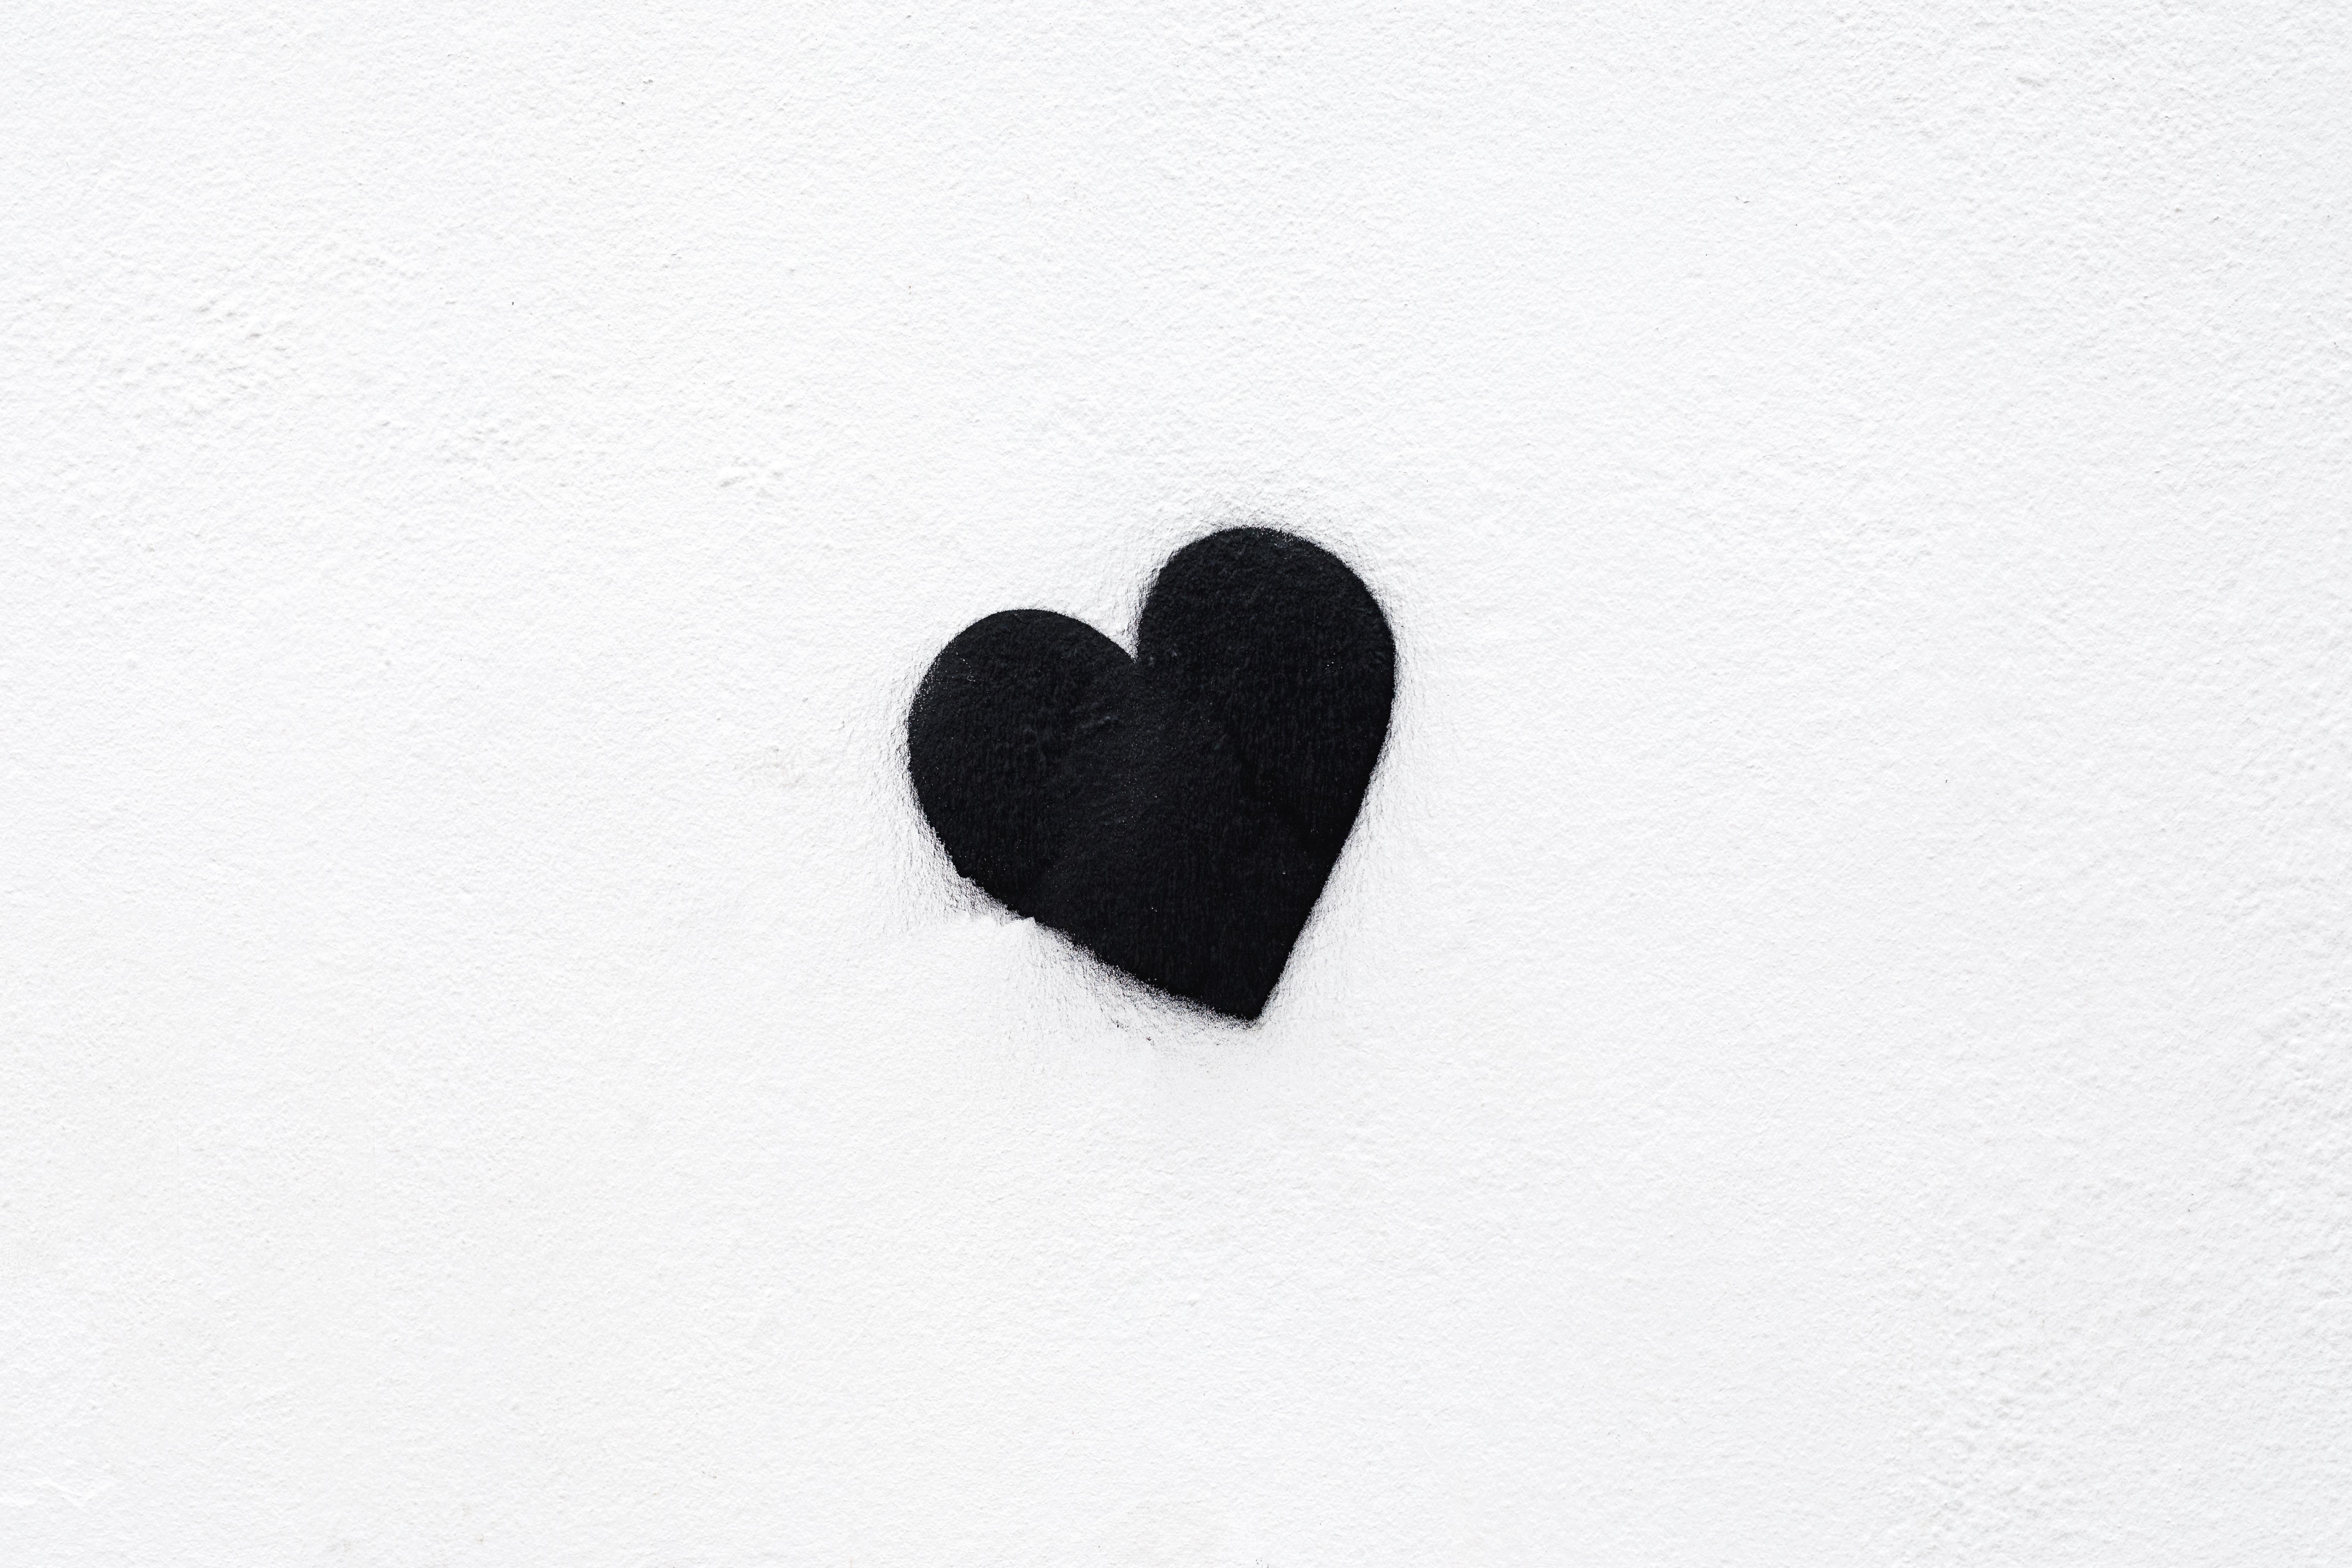 70444 Заставки и Обои Любовь на телефон. Скачать Сердце, Чб, Любовь, Черный, Белый, Минимализм картинки бесплатно